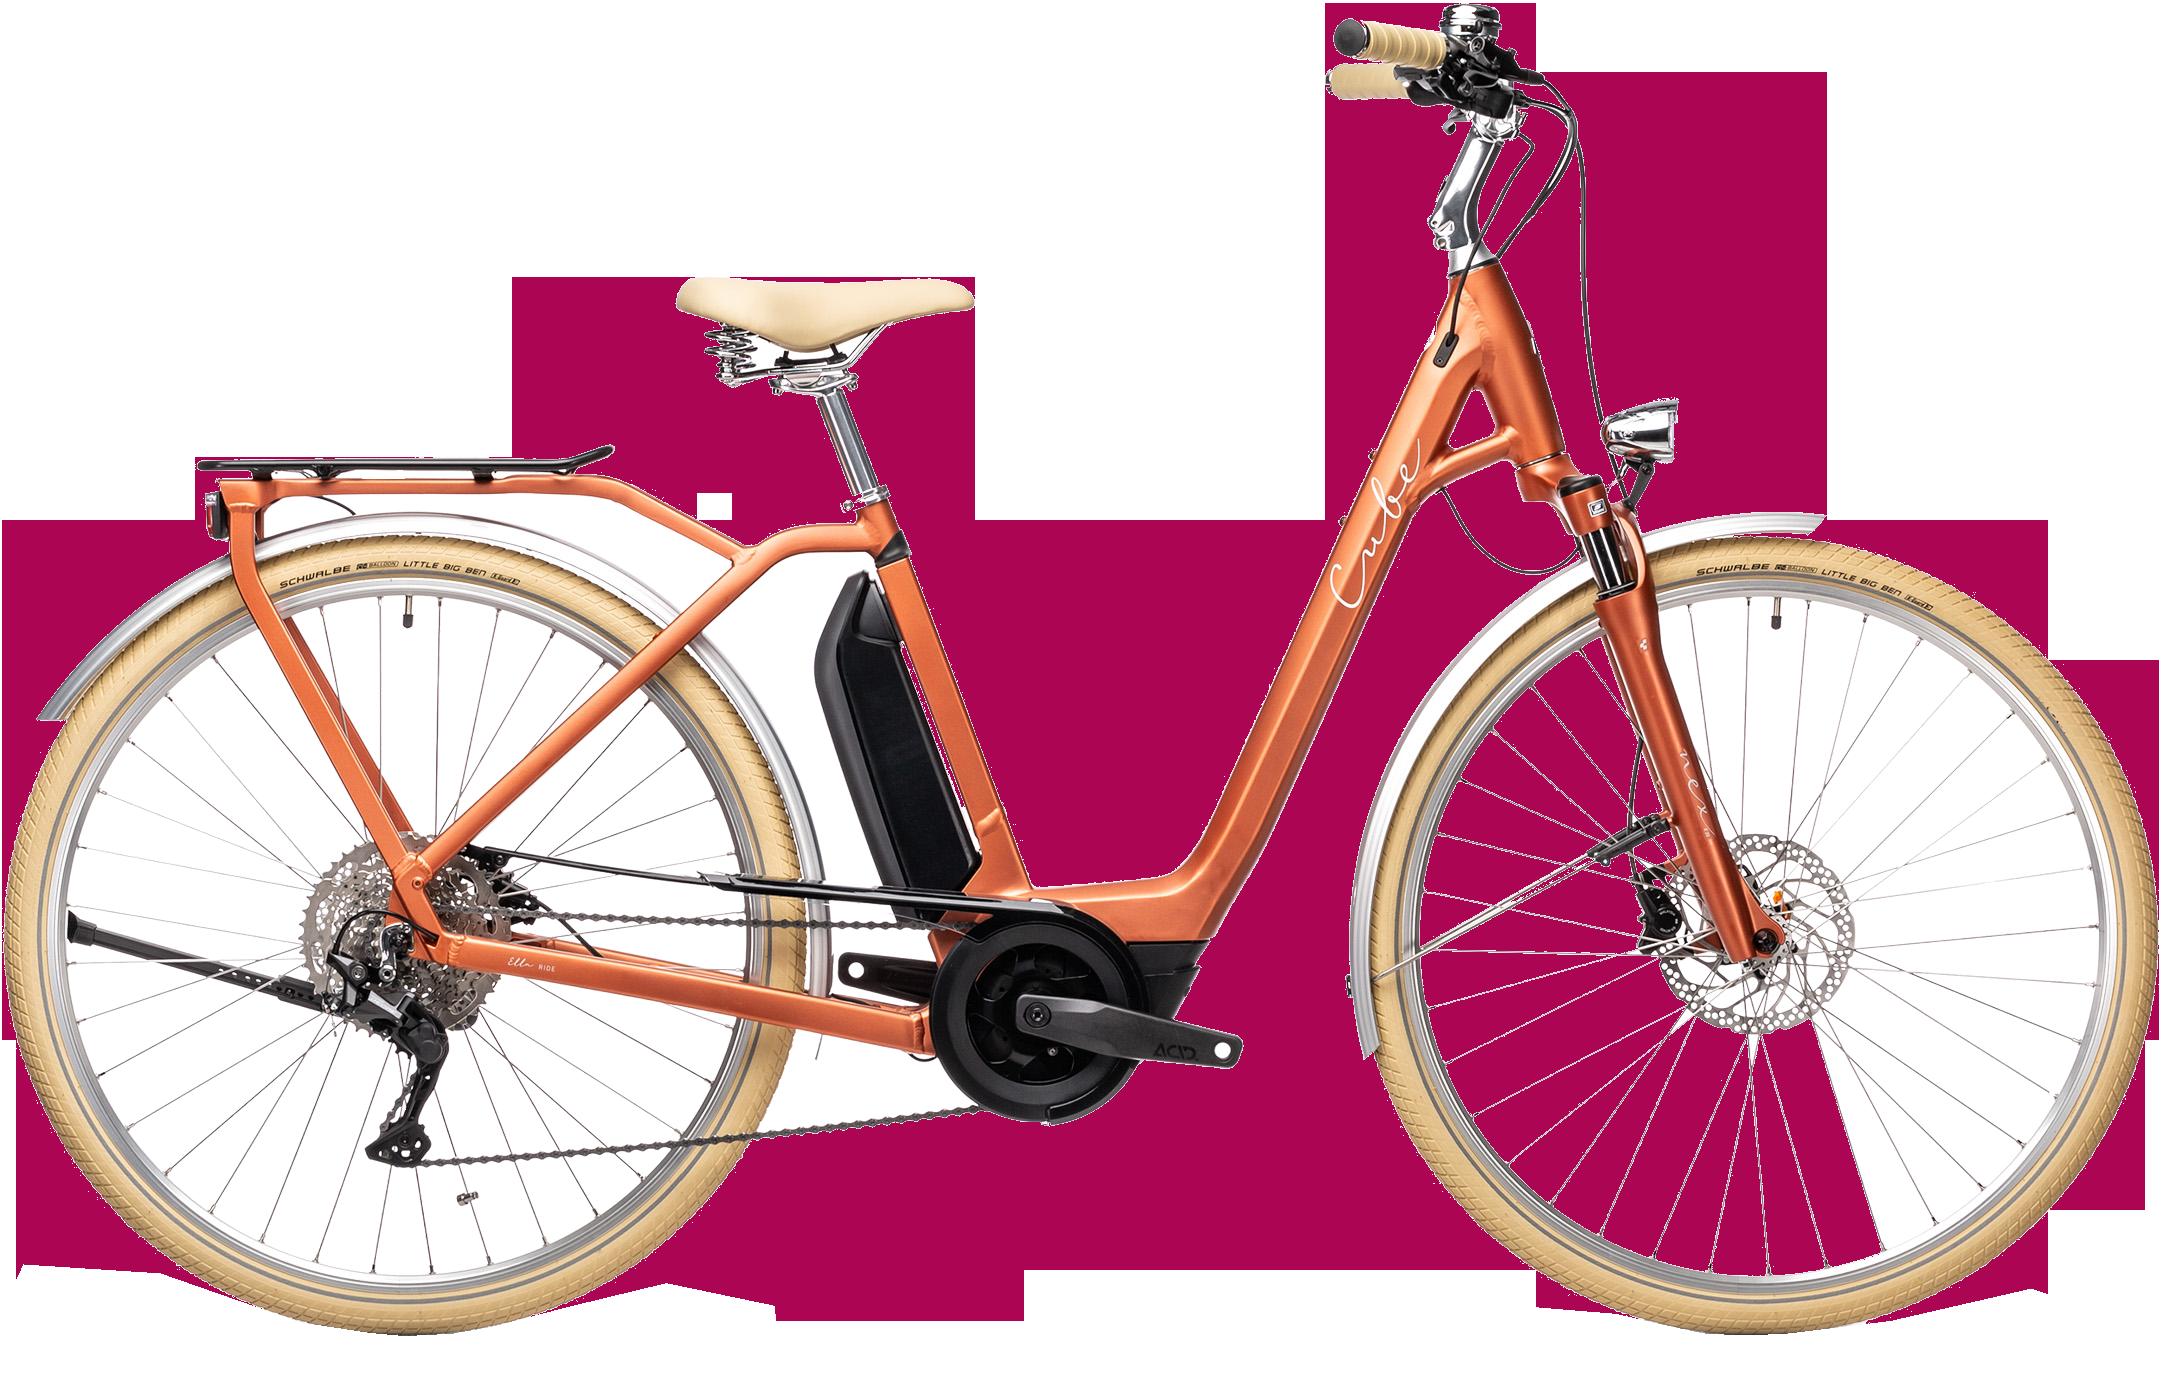 https://w8w5m3f8.stackpathcdn.com/20298/cube-ella-ride-hybrid-rednwhite-easy-entry-cm.jpg